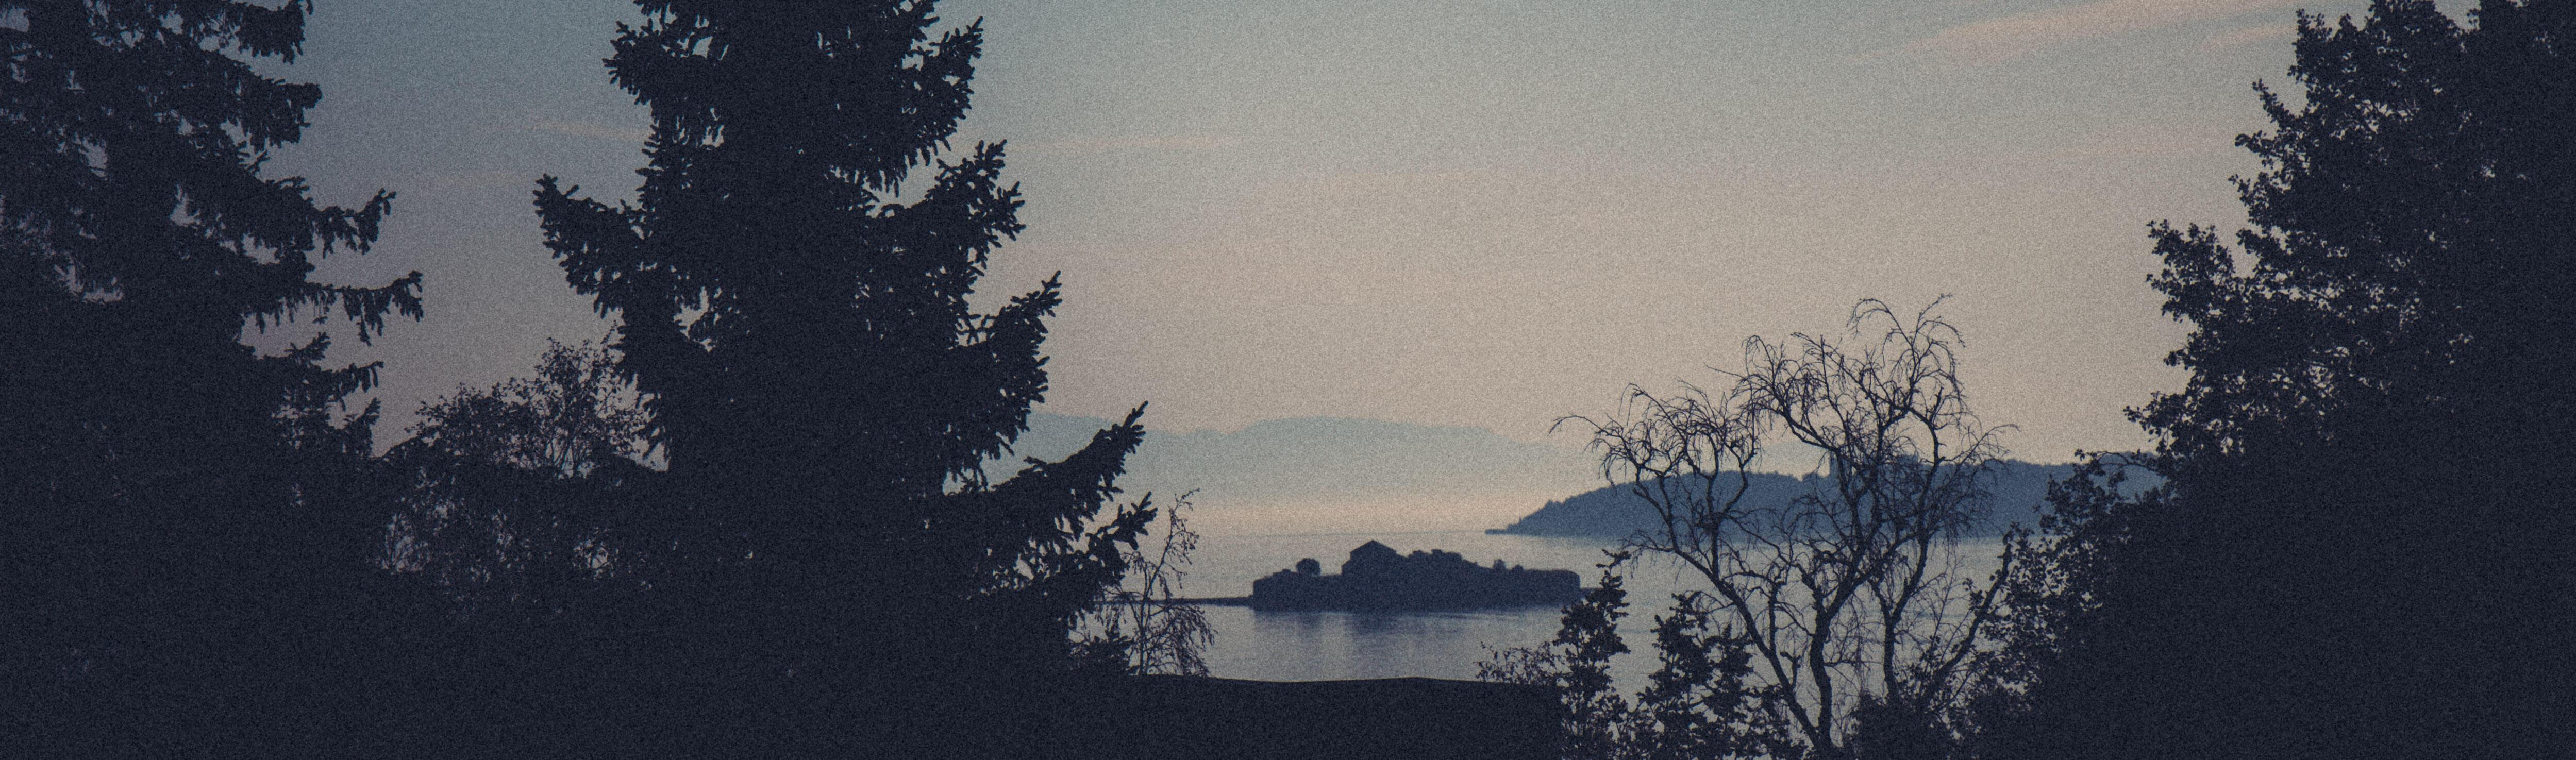 Utsikt fra Høvringen mot Trondheimsfjorden med Munkholmen.